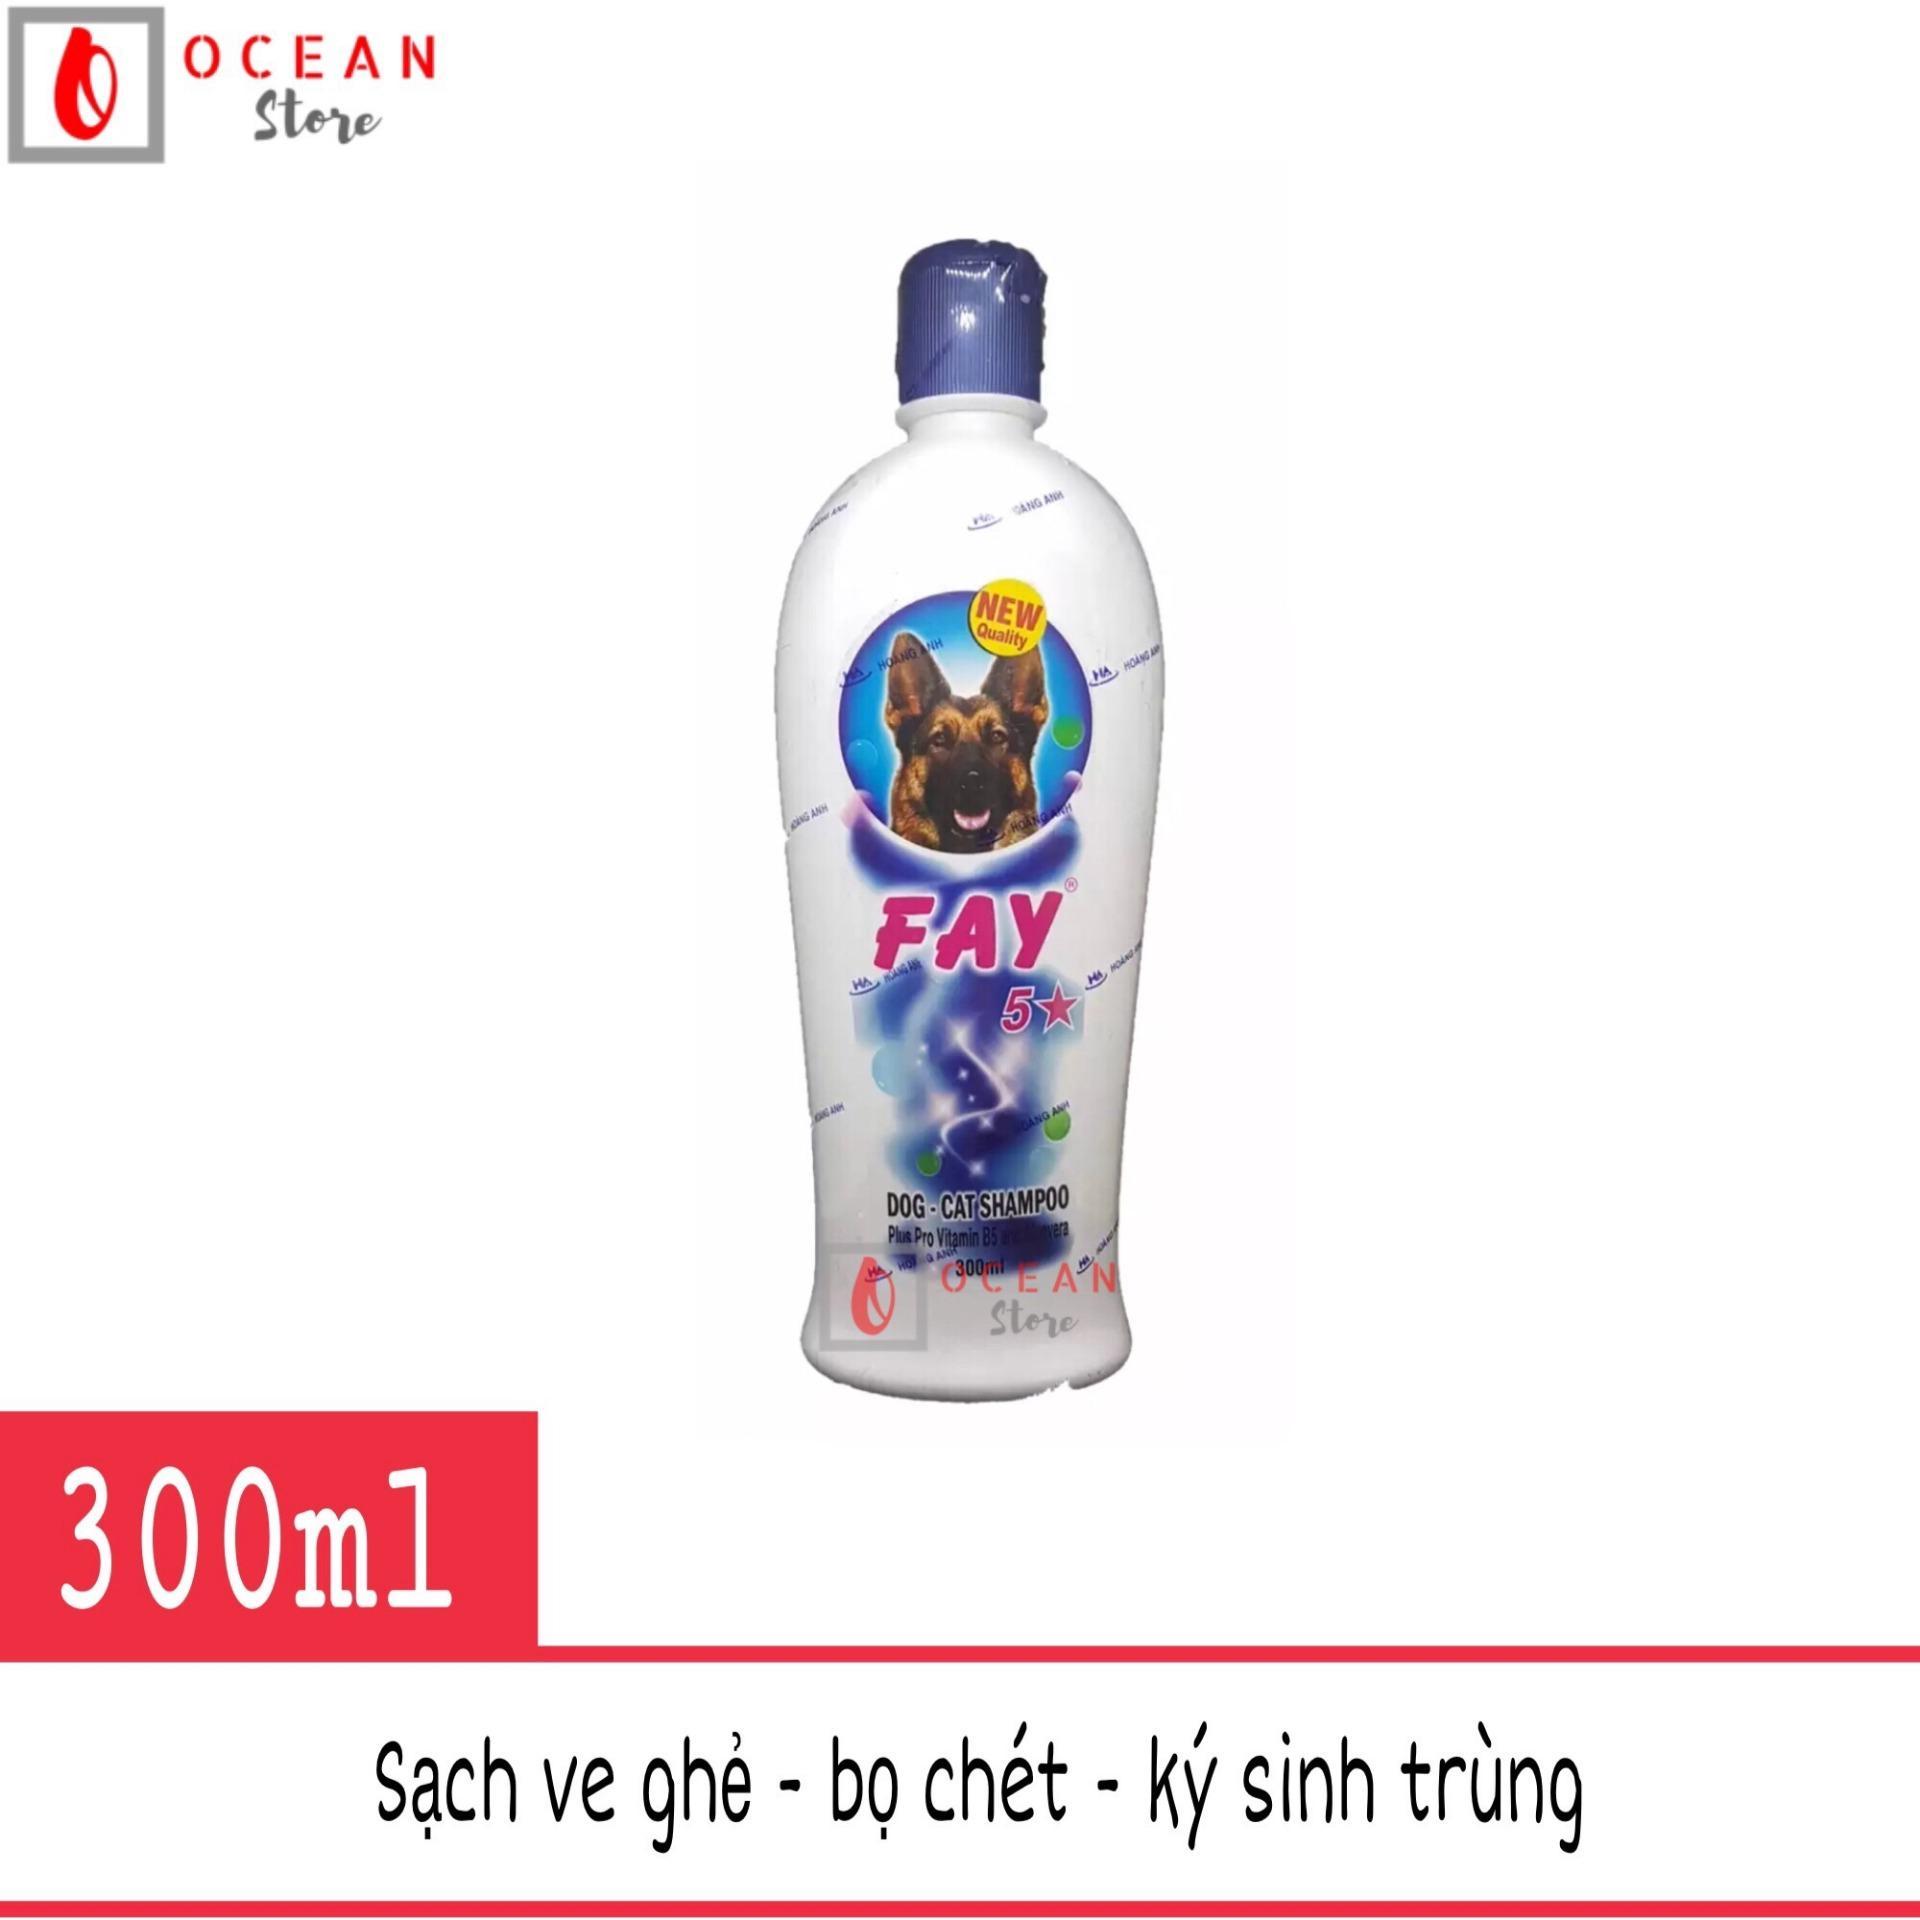 Sữa tắm diệt ve ghẻ, bọ chét, dưỡng lông thơm lâu cho chó mèo - Fay 5 sao 300ml Nhật Bản